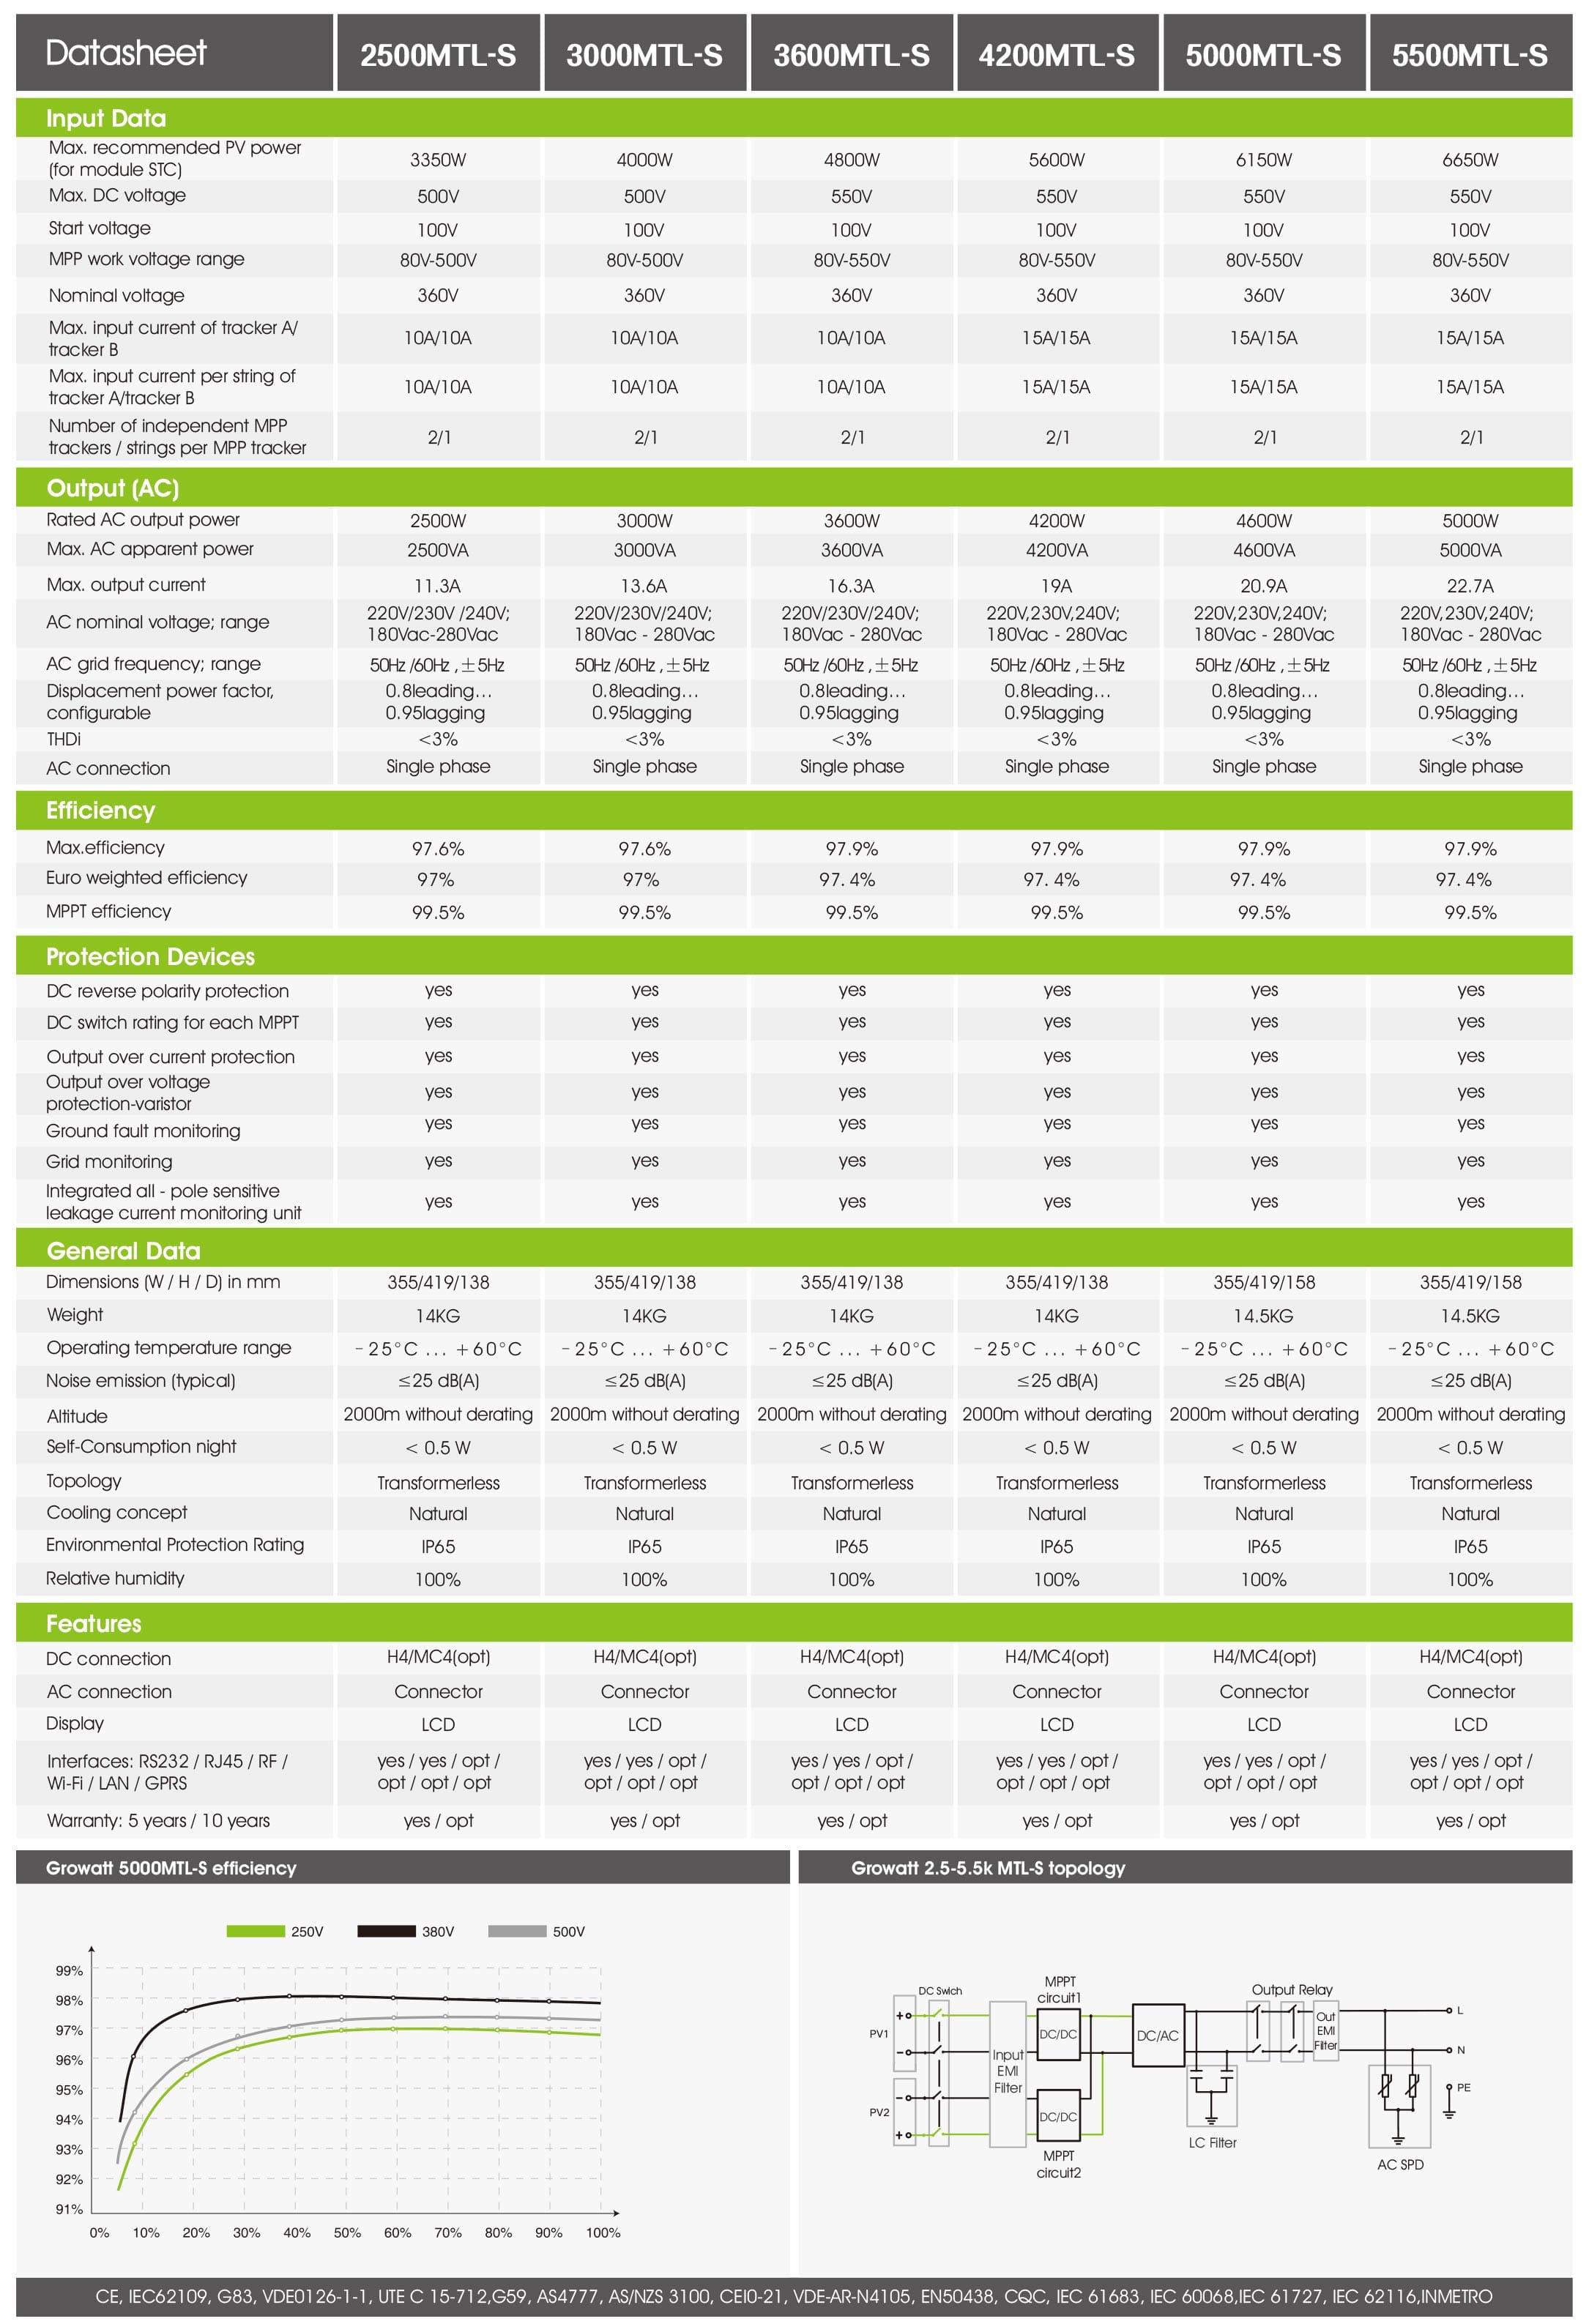 Growatt 2500-5500Mtl-S PDF | Sernolux.com